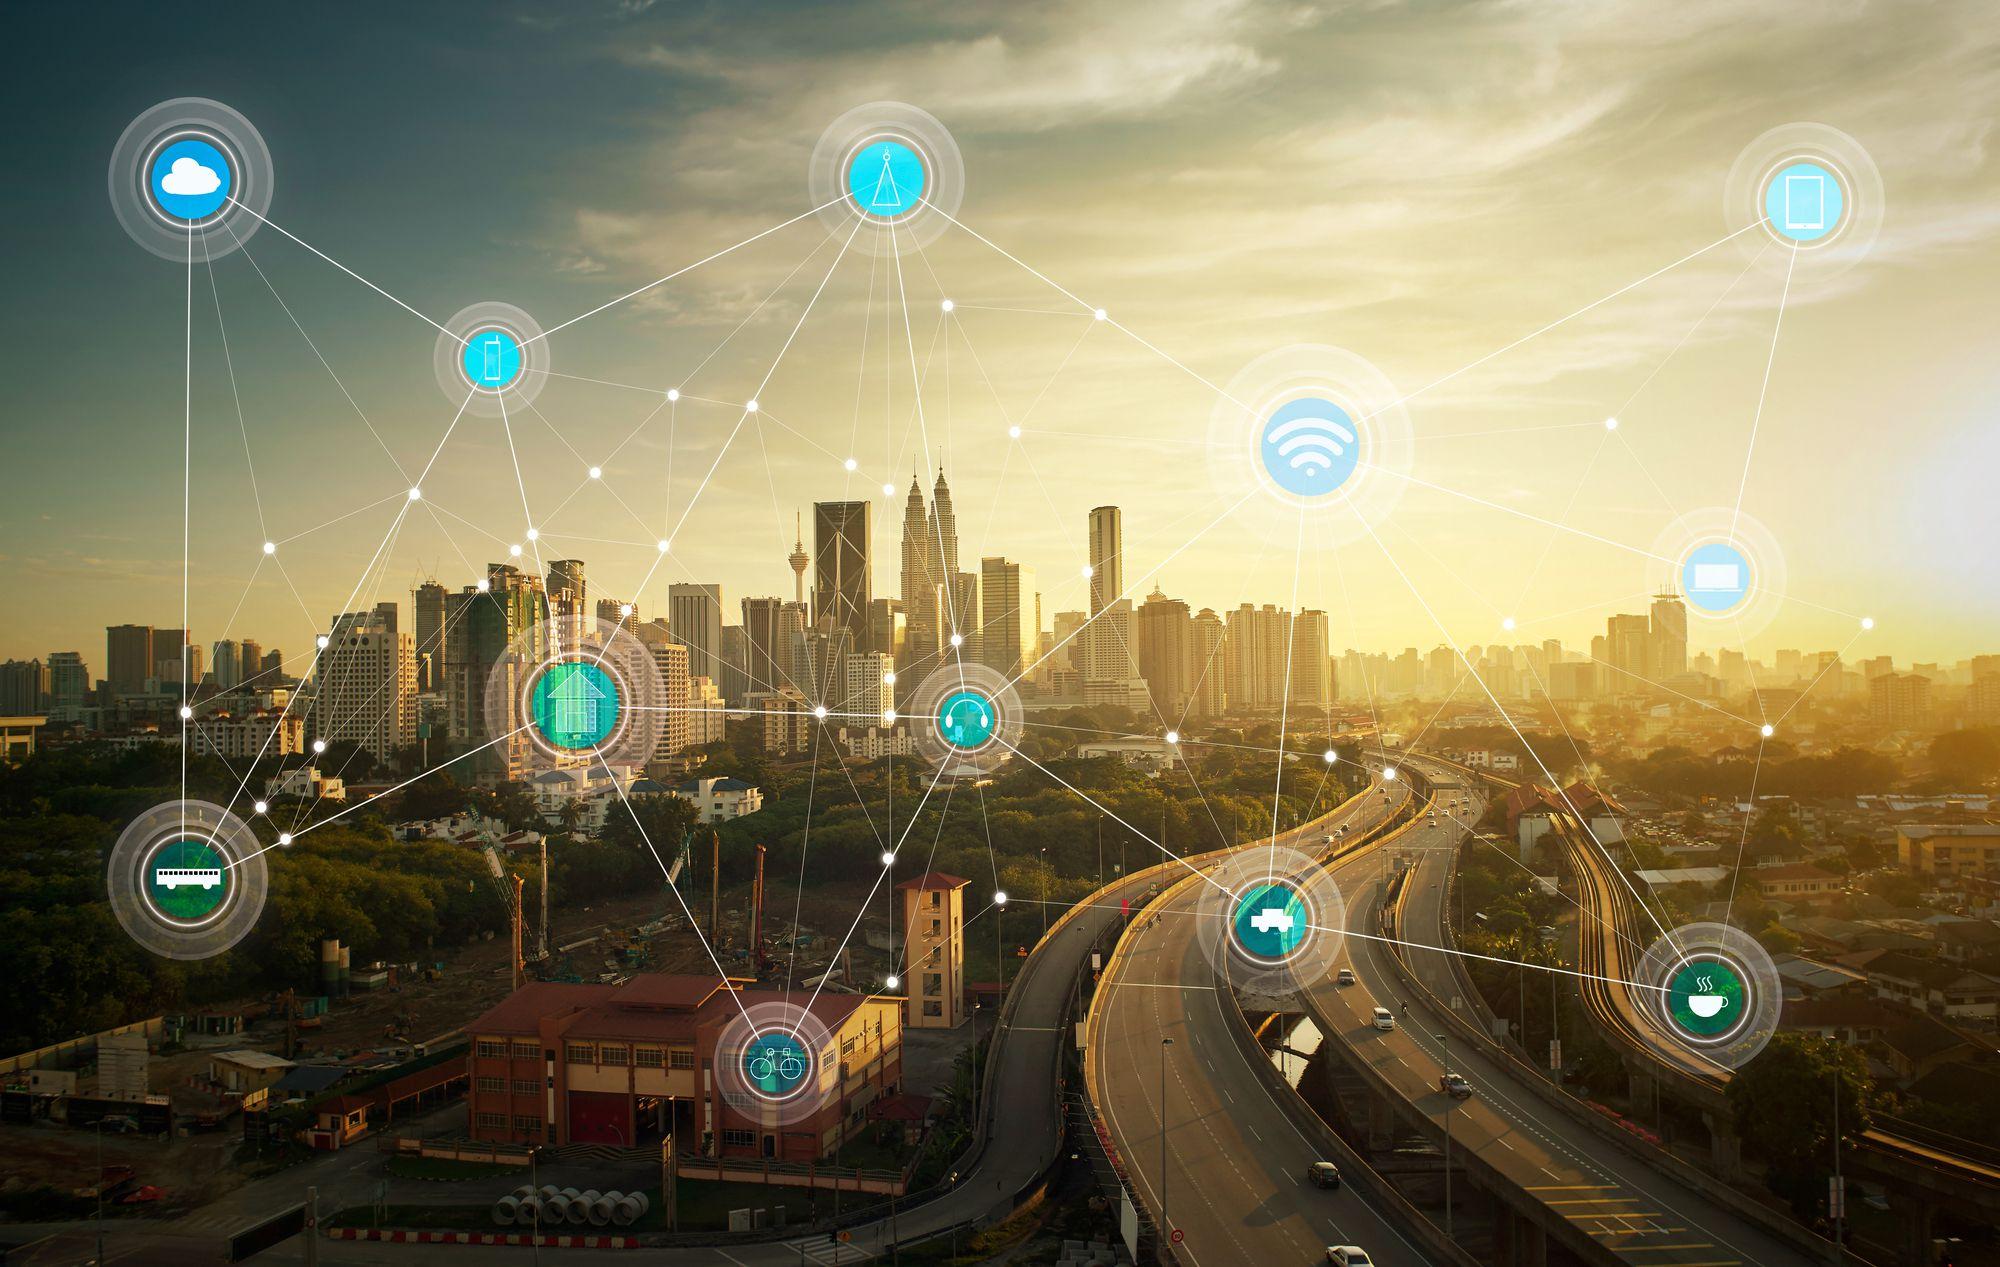 O papel da tecnologia na construção de cidades inteligentes